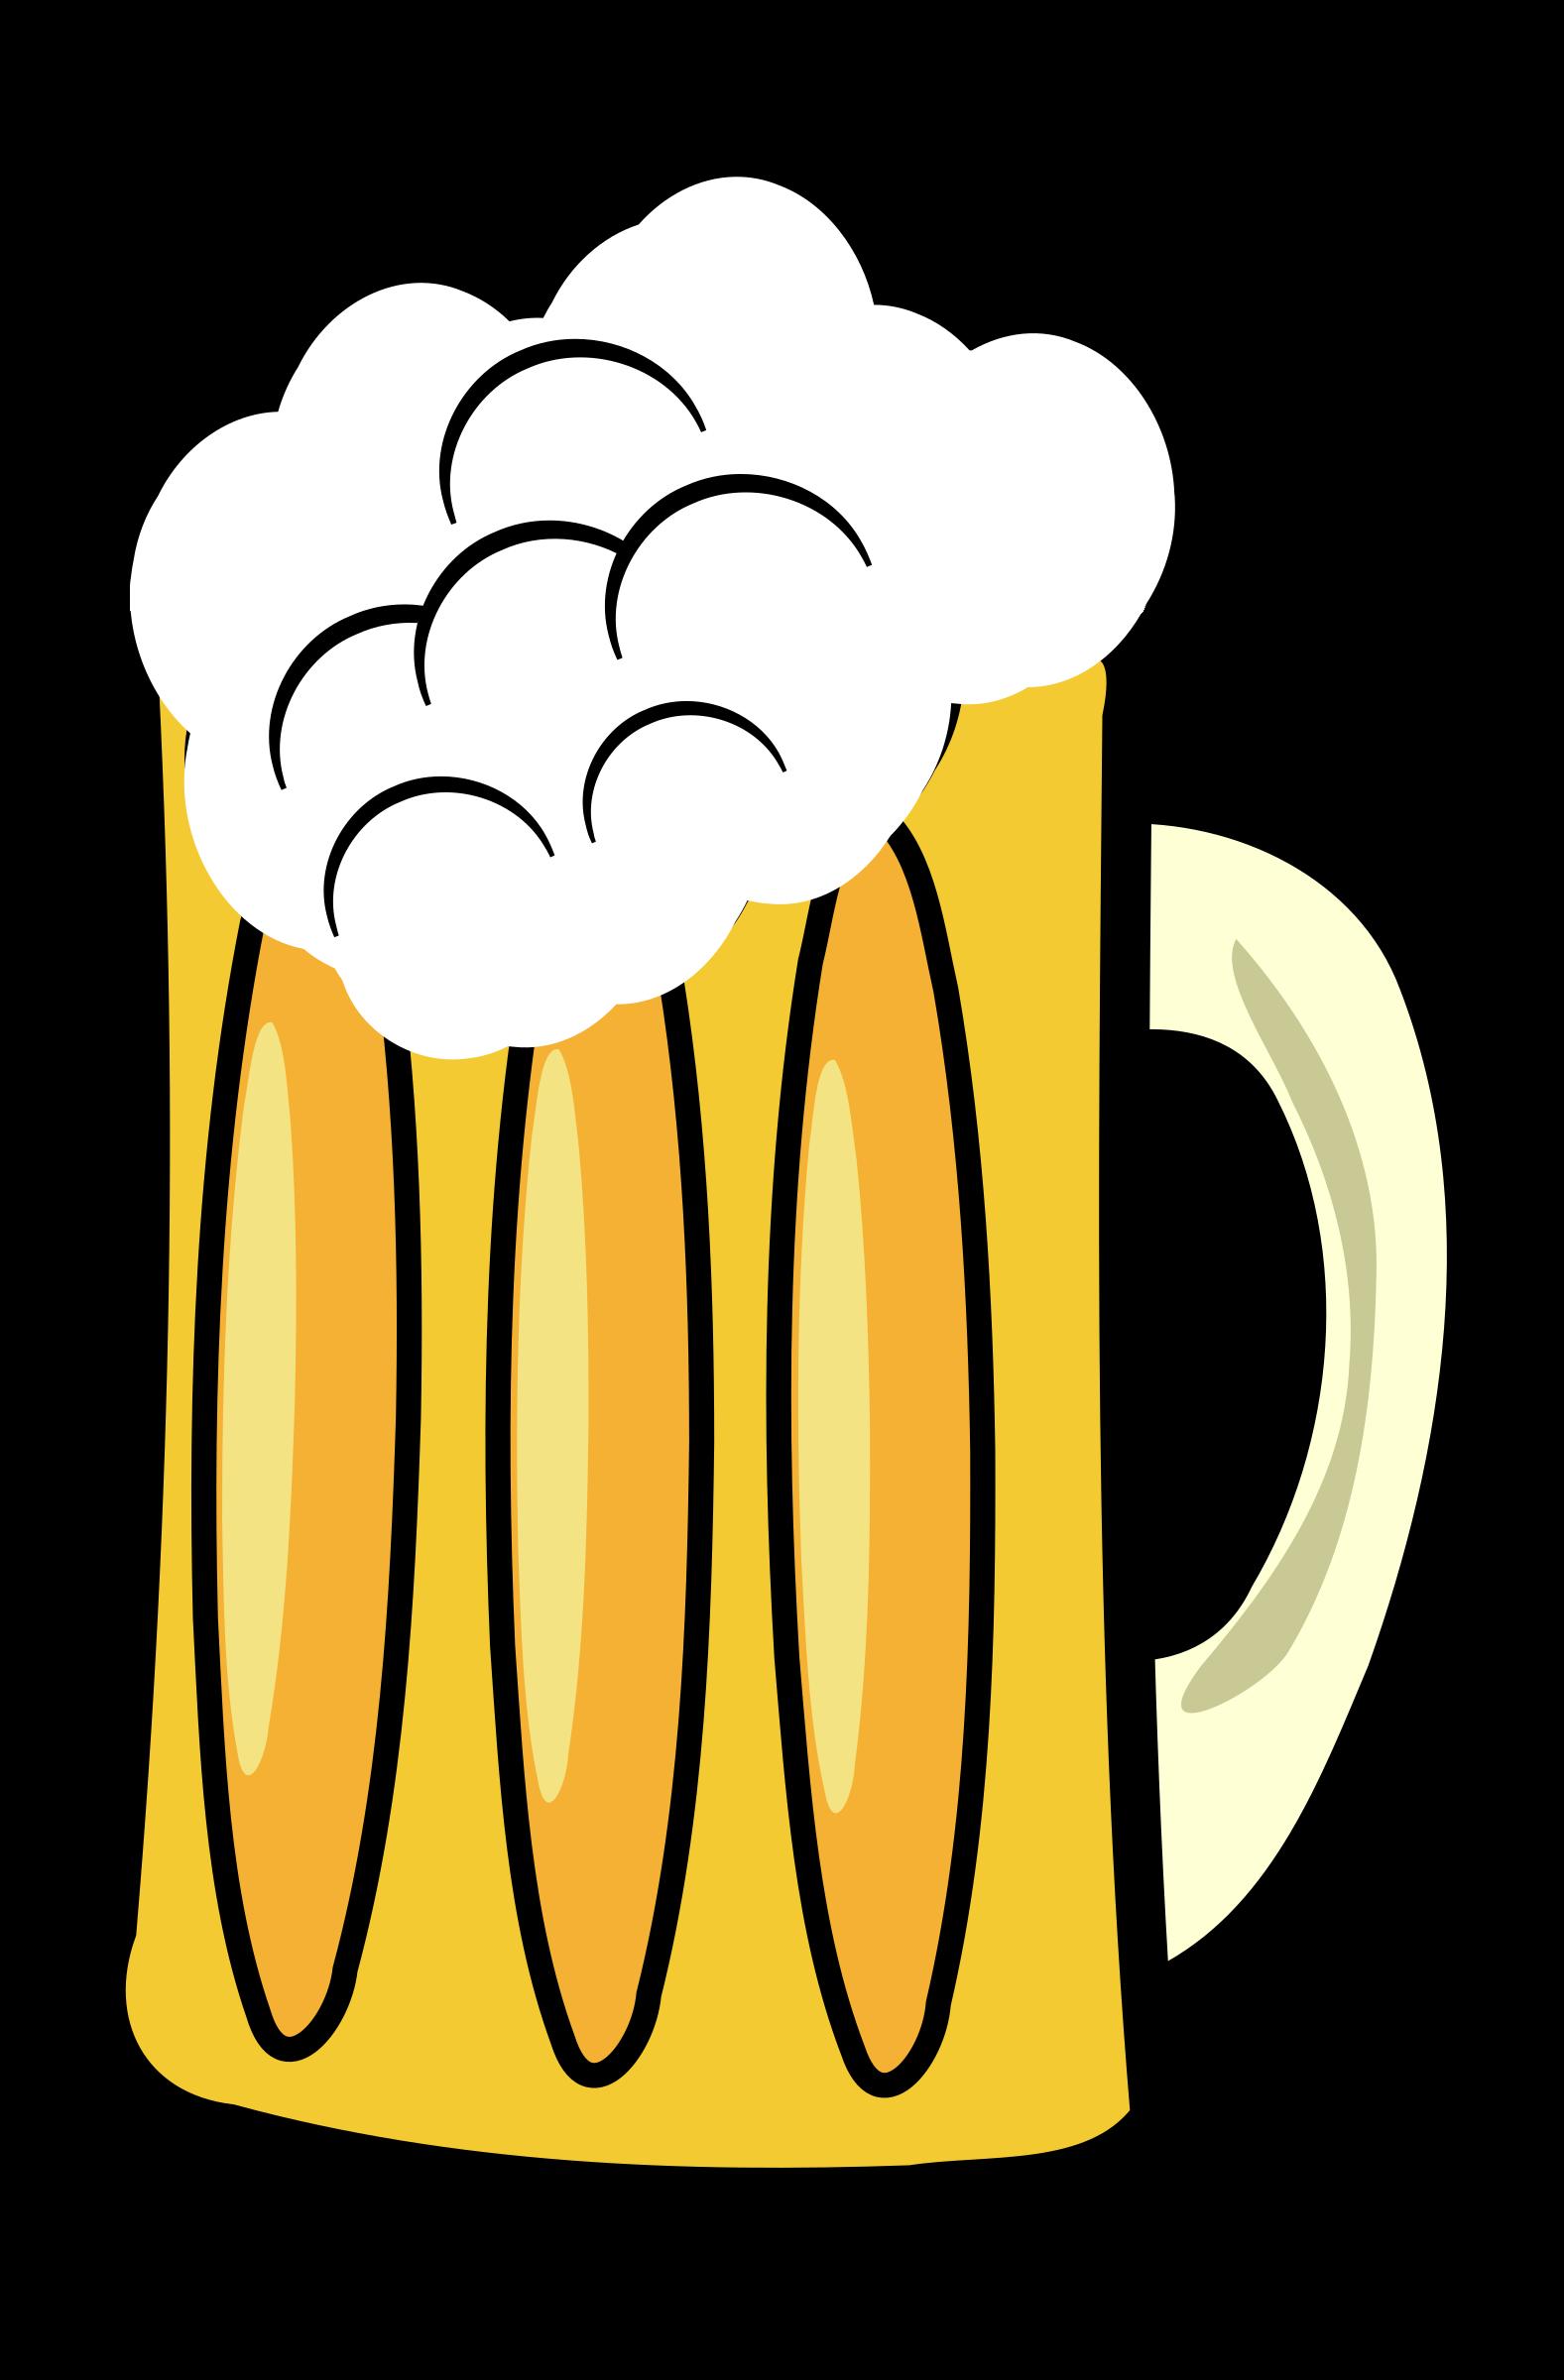 image transparent download Clipart beer. Big image png.